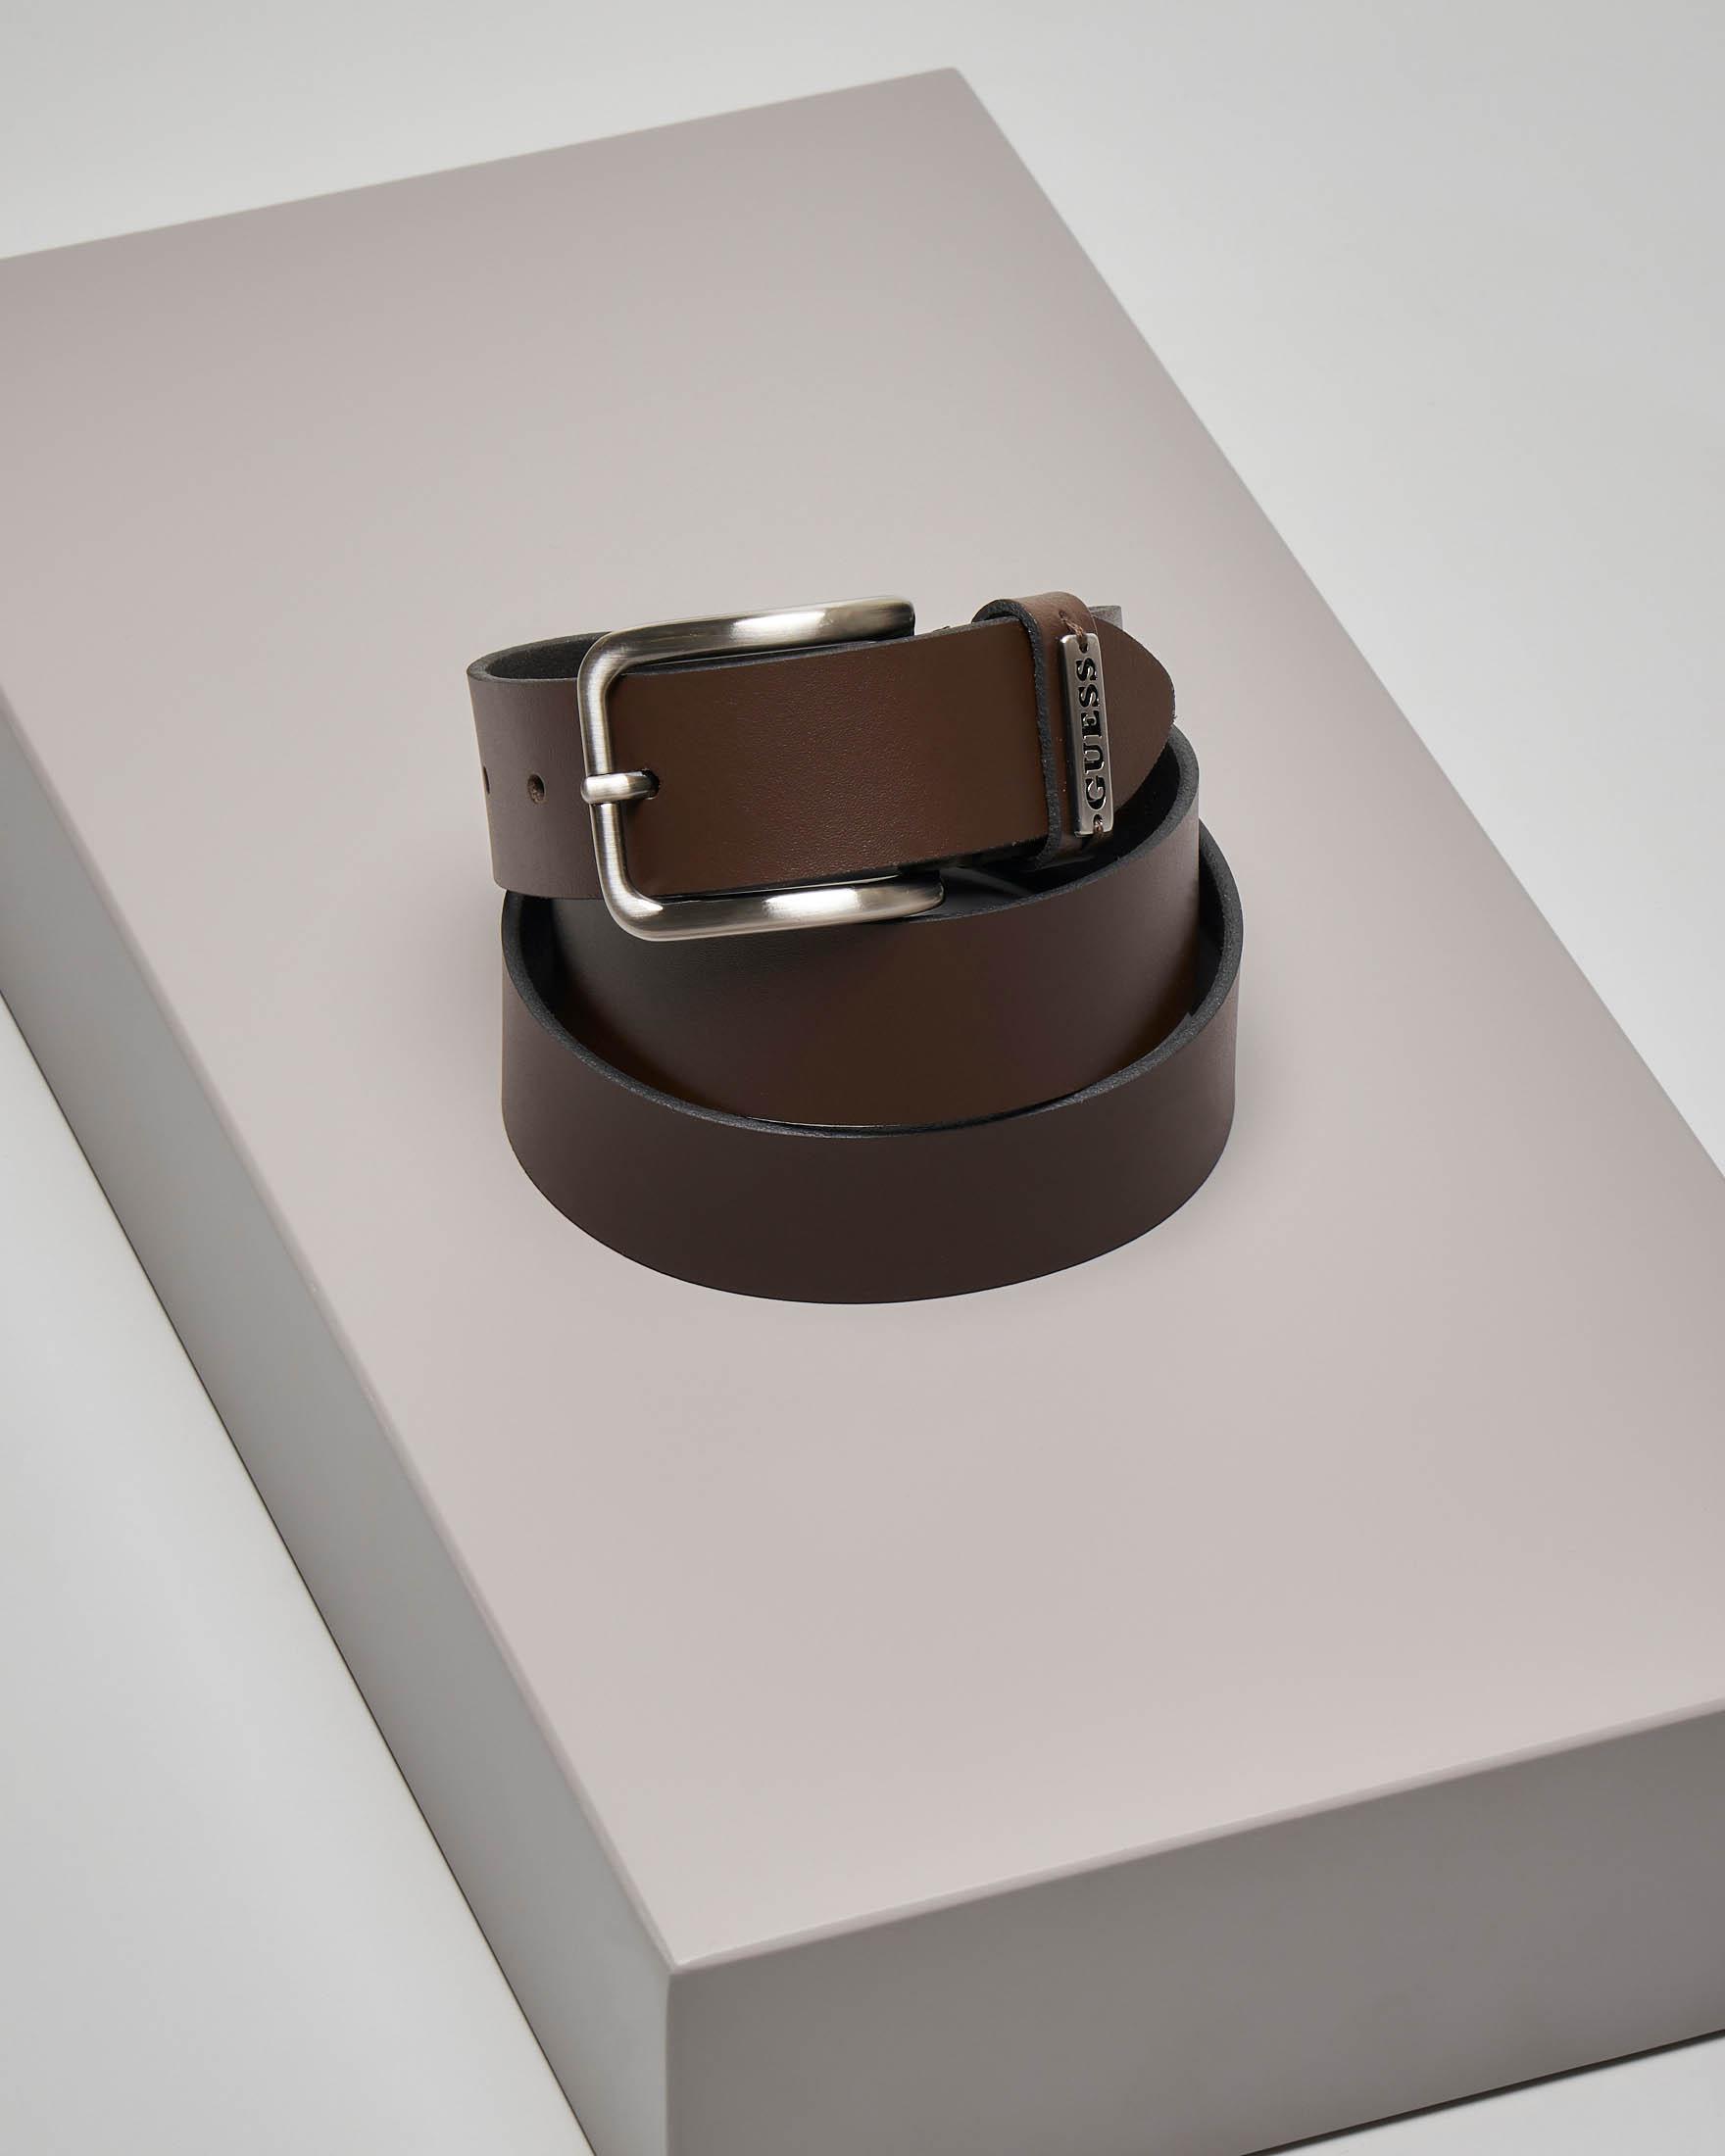 Cintura marrone in pelle con passante logato